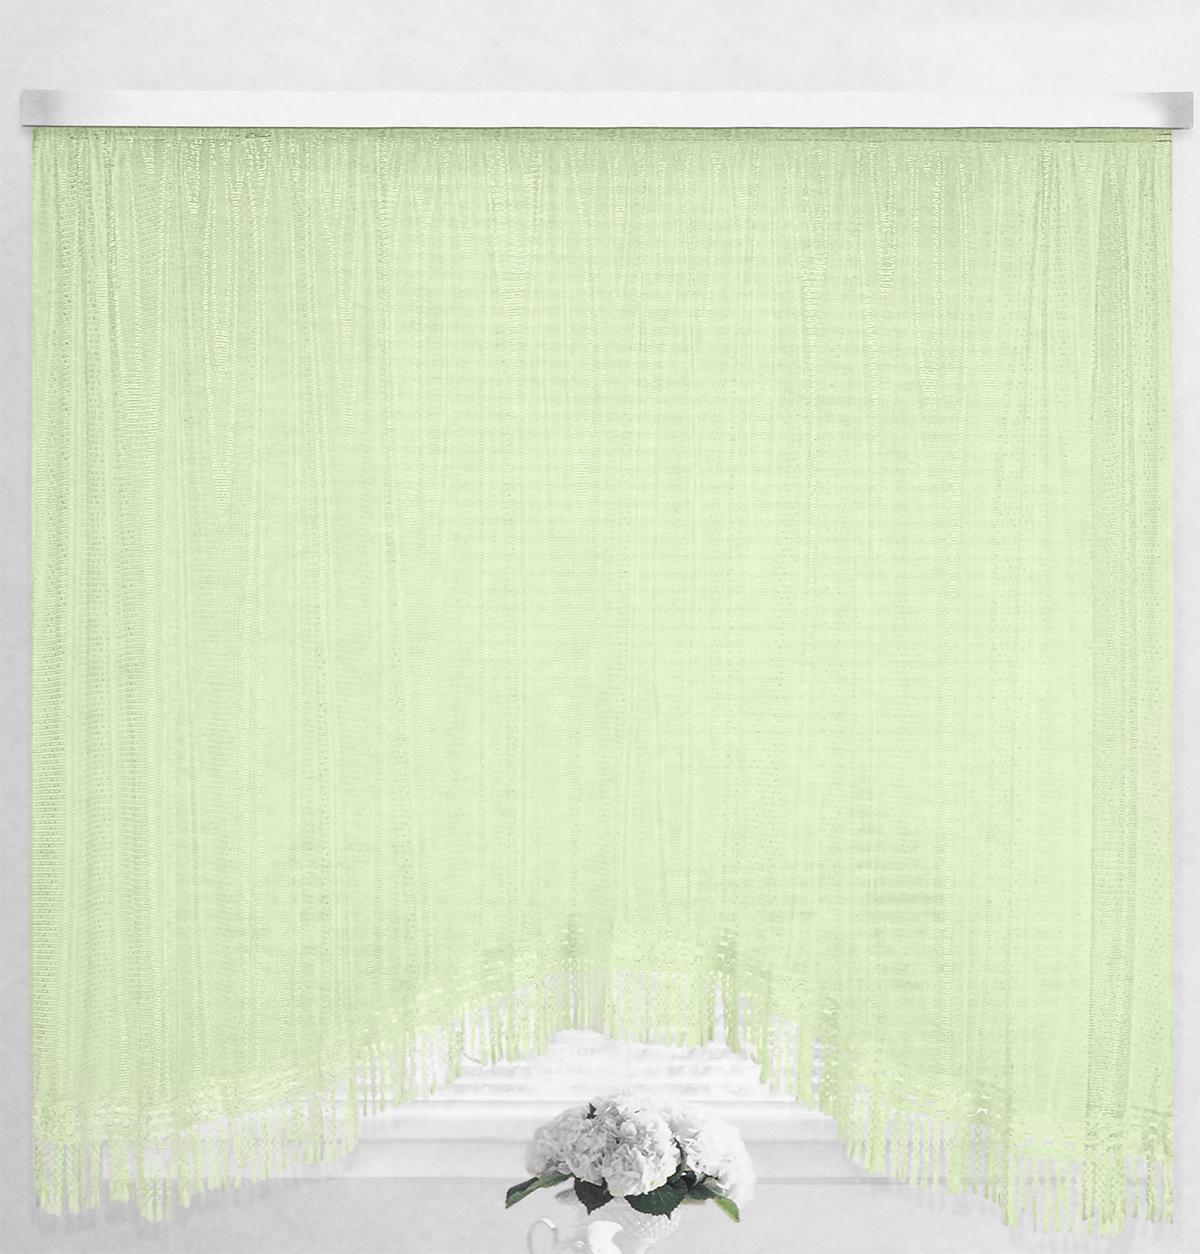 Штора-арка ТД Текстиль Капли росы, на ленте, цвет: зеленый, высота 165 см82650_зеленыйШтора-арка ТД Текстиль Капли росы великолепно украсит любое окно. Штора выполнена из качественного сетчатого полиэстера и декорирована бахромой. Полупрозрачная ткань, оригинальный дизайн и приятная цветовая гамма привлекут к себе внимание и позволят шторе органично вписаться в интерьер помещения. Штора крепится на карниз при помощи шторной ленты, которая поможет красиво и равномерно задрапировать верх. Изделие отлично подходит для кухни, столовой и спальни.